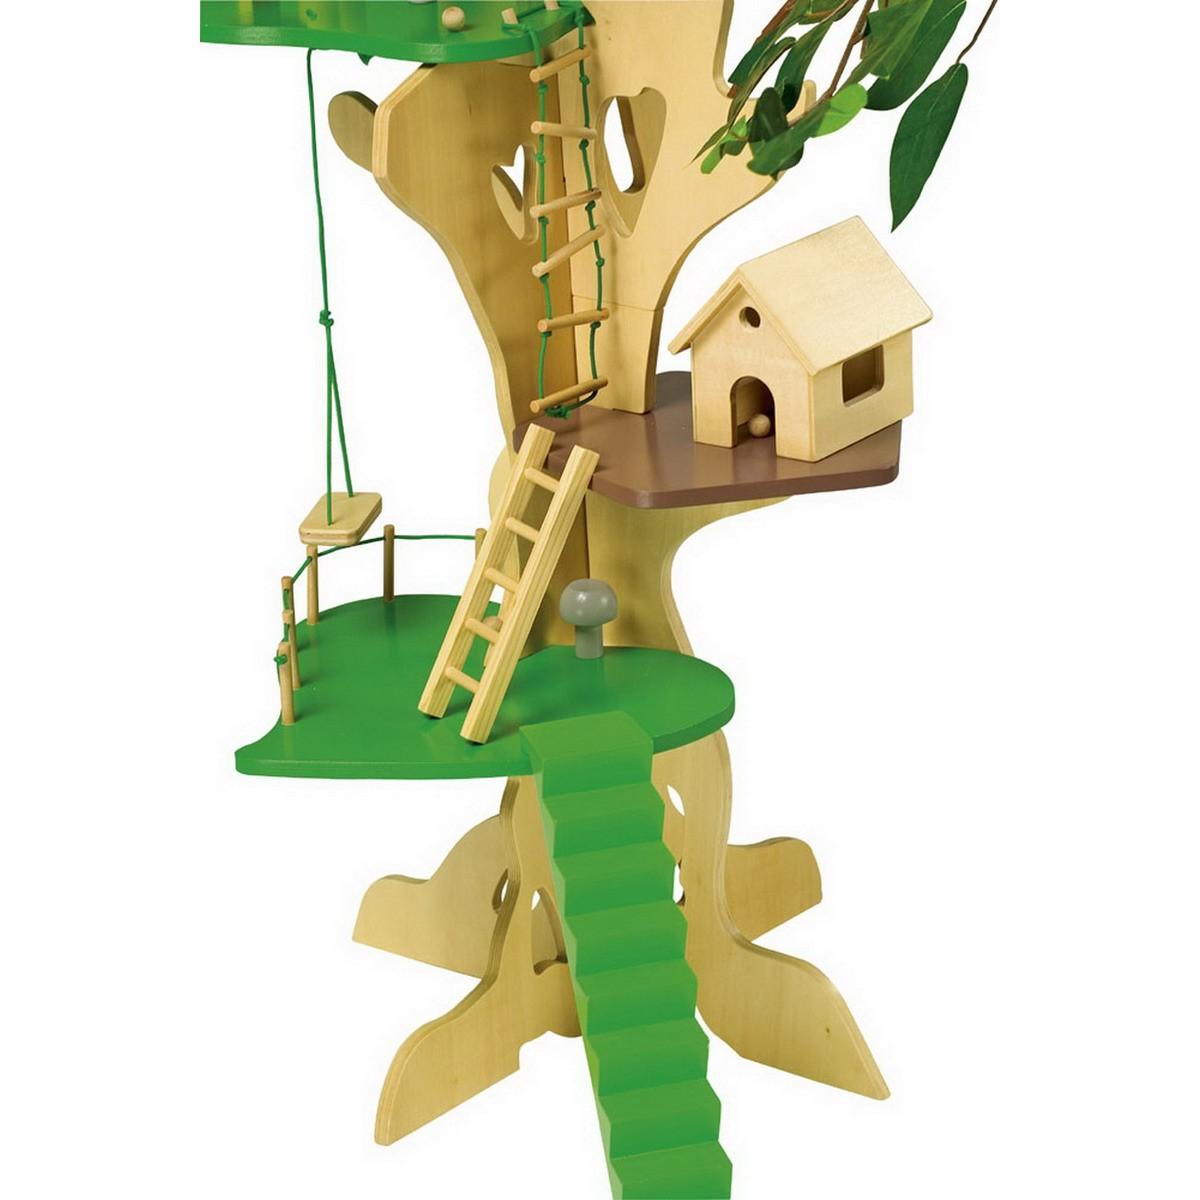 baumhaus aus holz 3 etagen f r kleine puppen von small foot g nstig bei mariposa toys kaufen. Black Bedroom Furniture Sets. Home Design Ideas